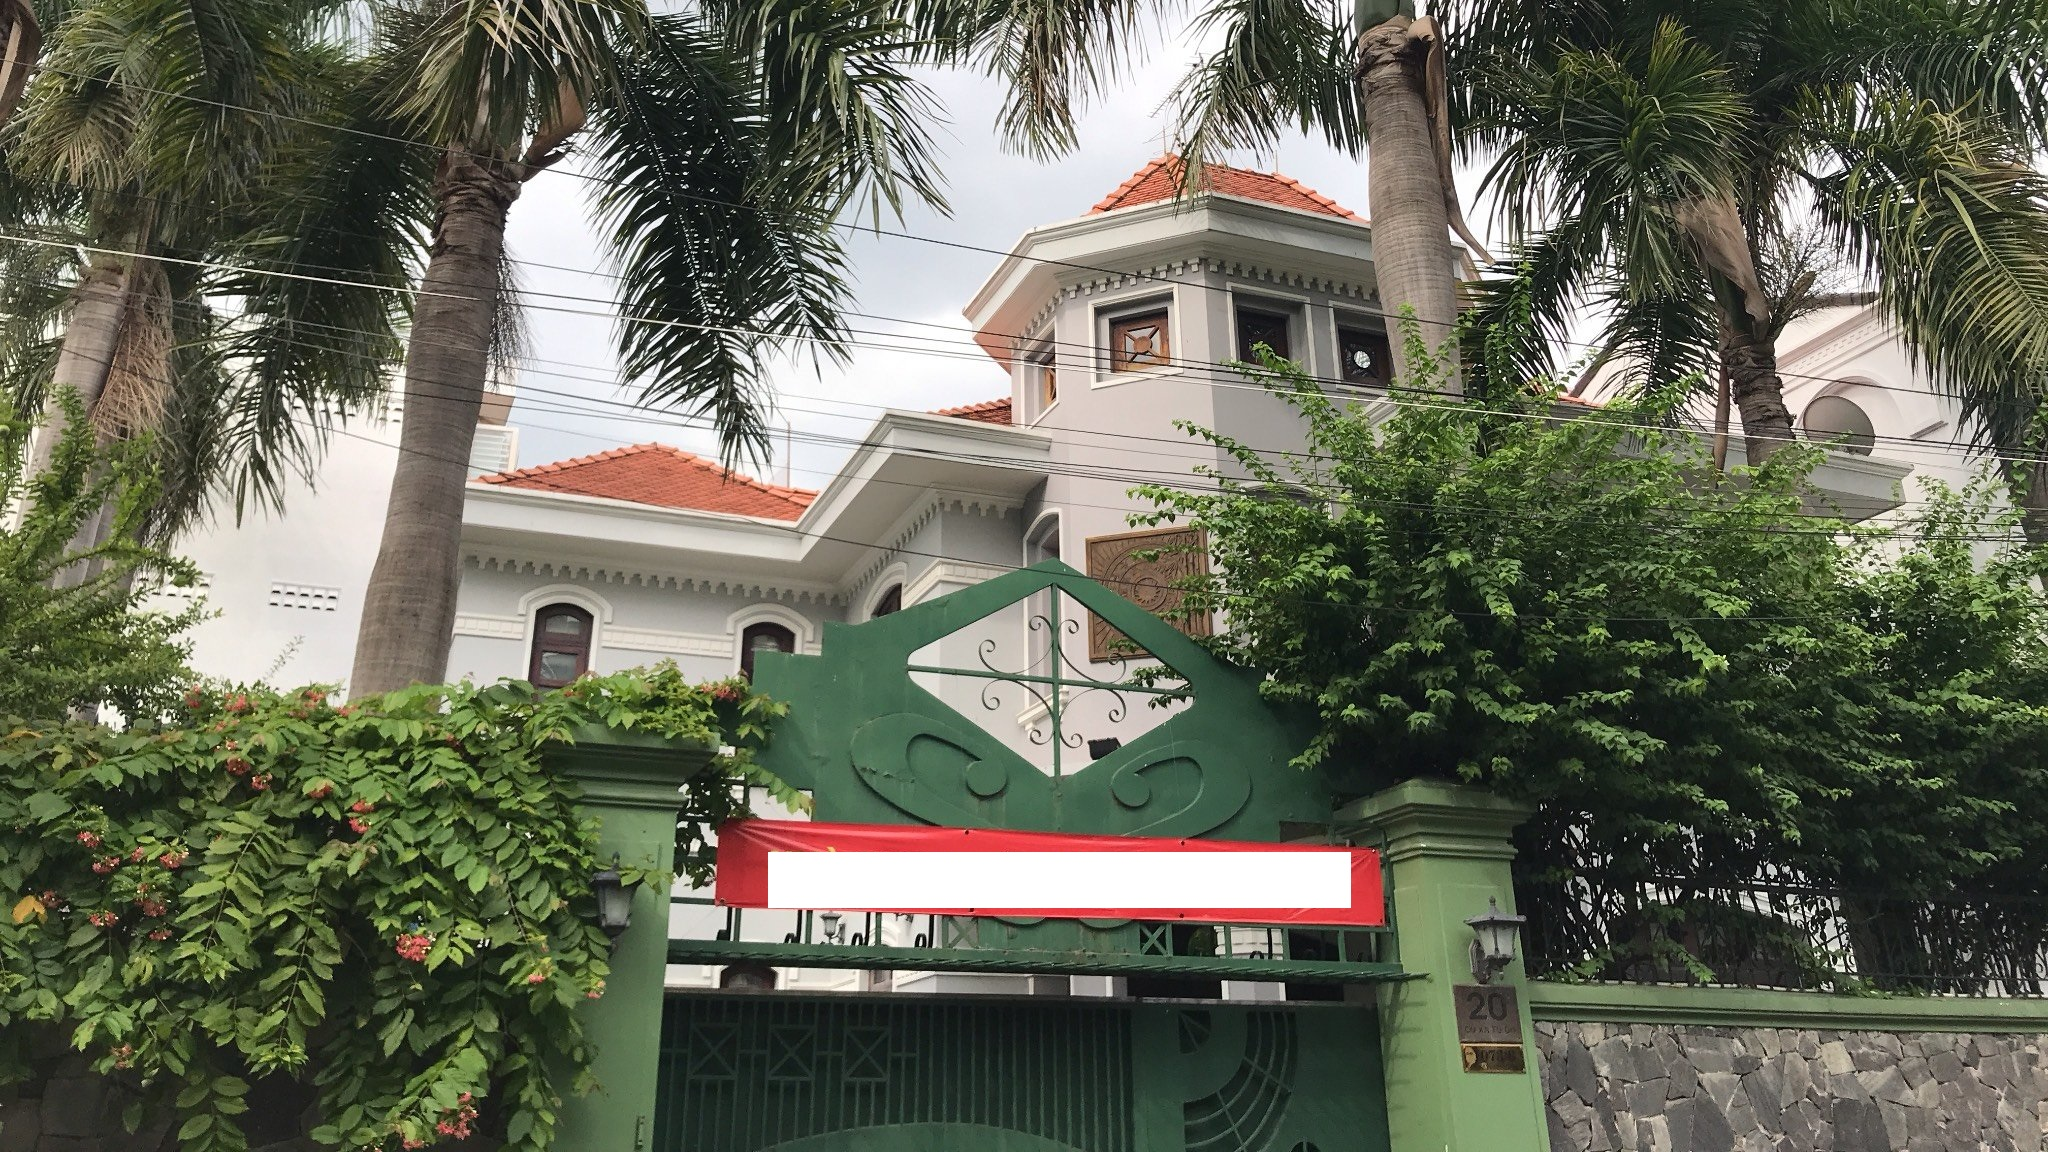 Bán nhà khu biệt thự Mê kông, số 3 đường Phổ Quang, Tân Bình. Gần sân bay TSN – DT: 8 x 16m